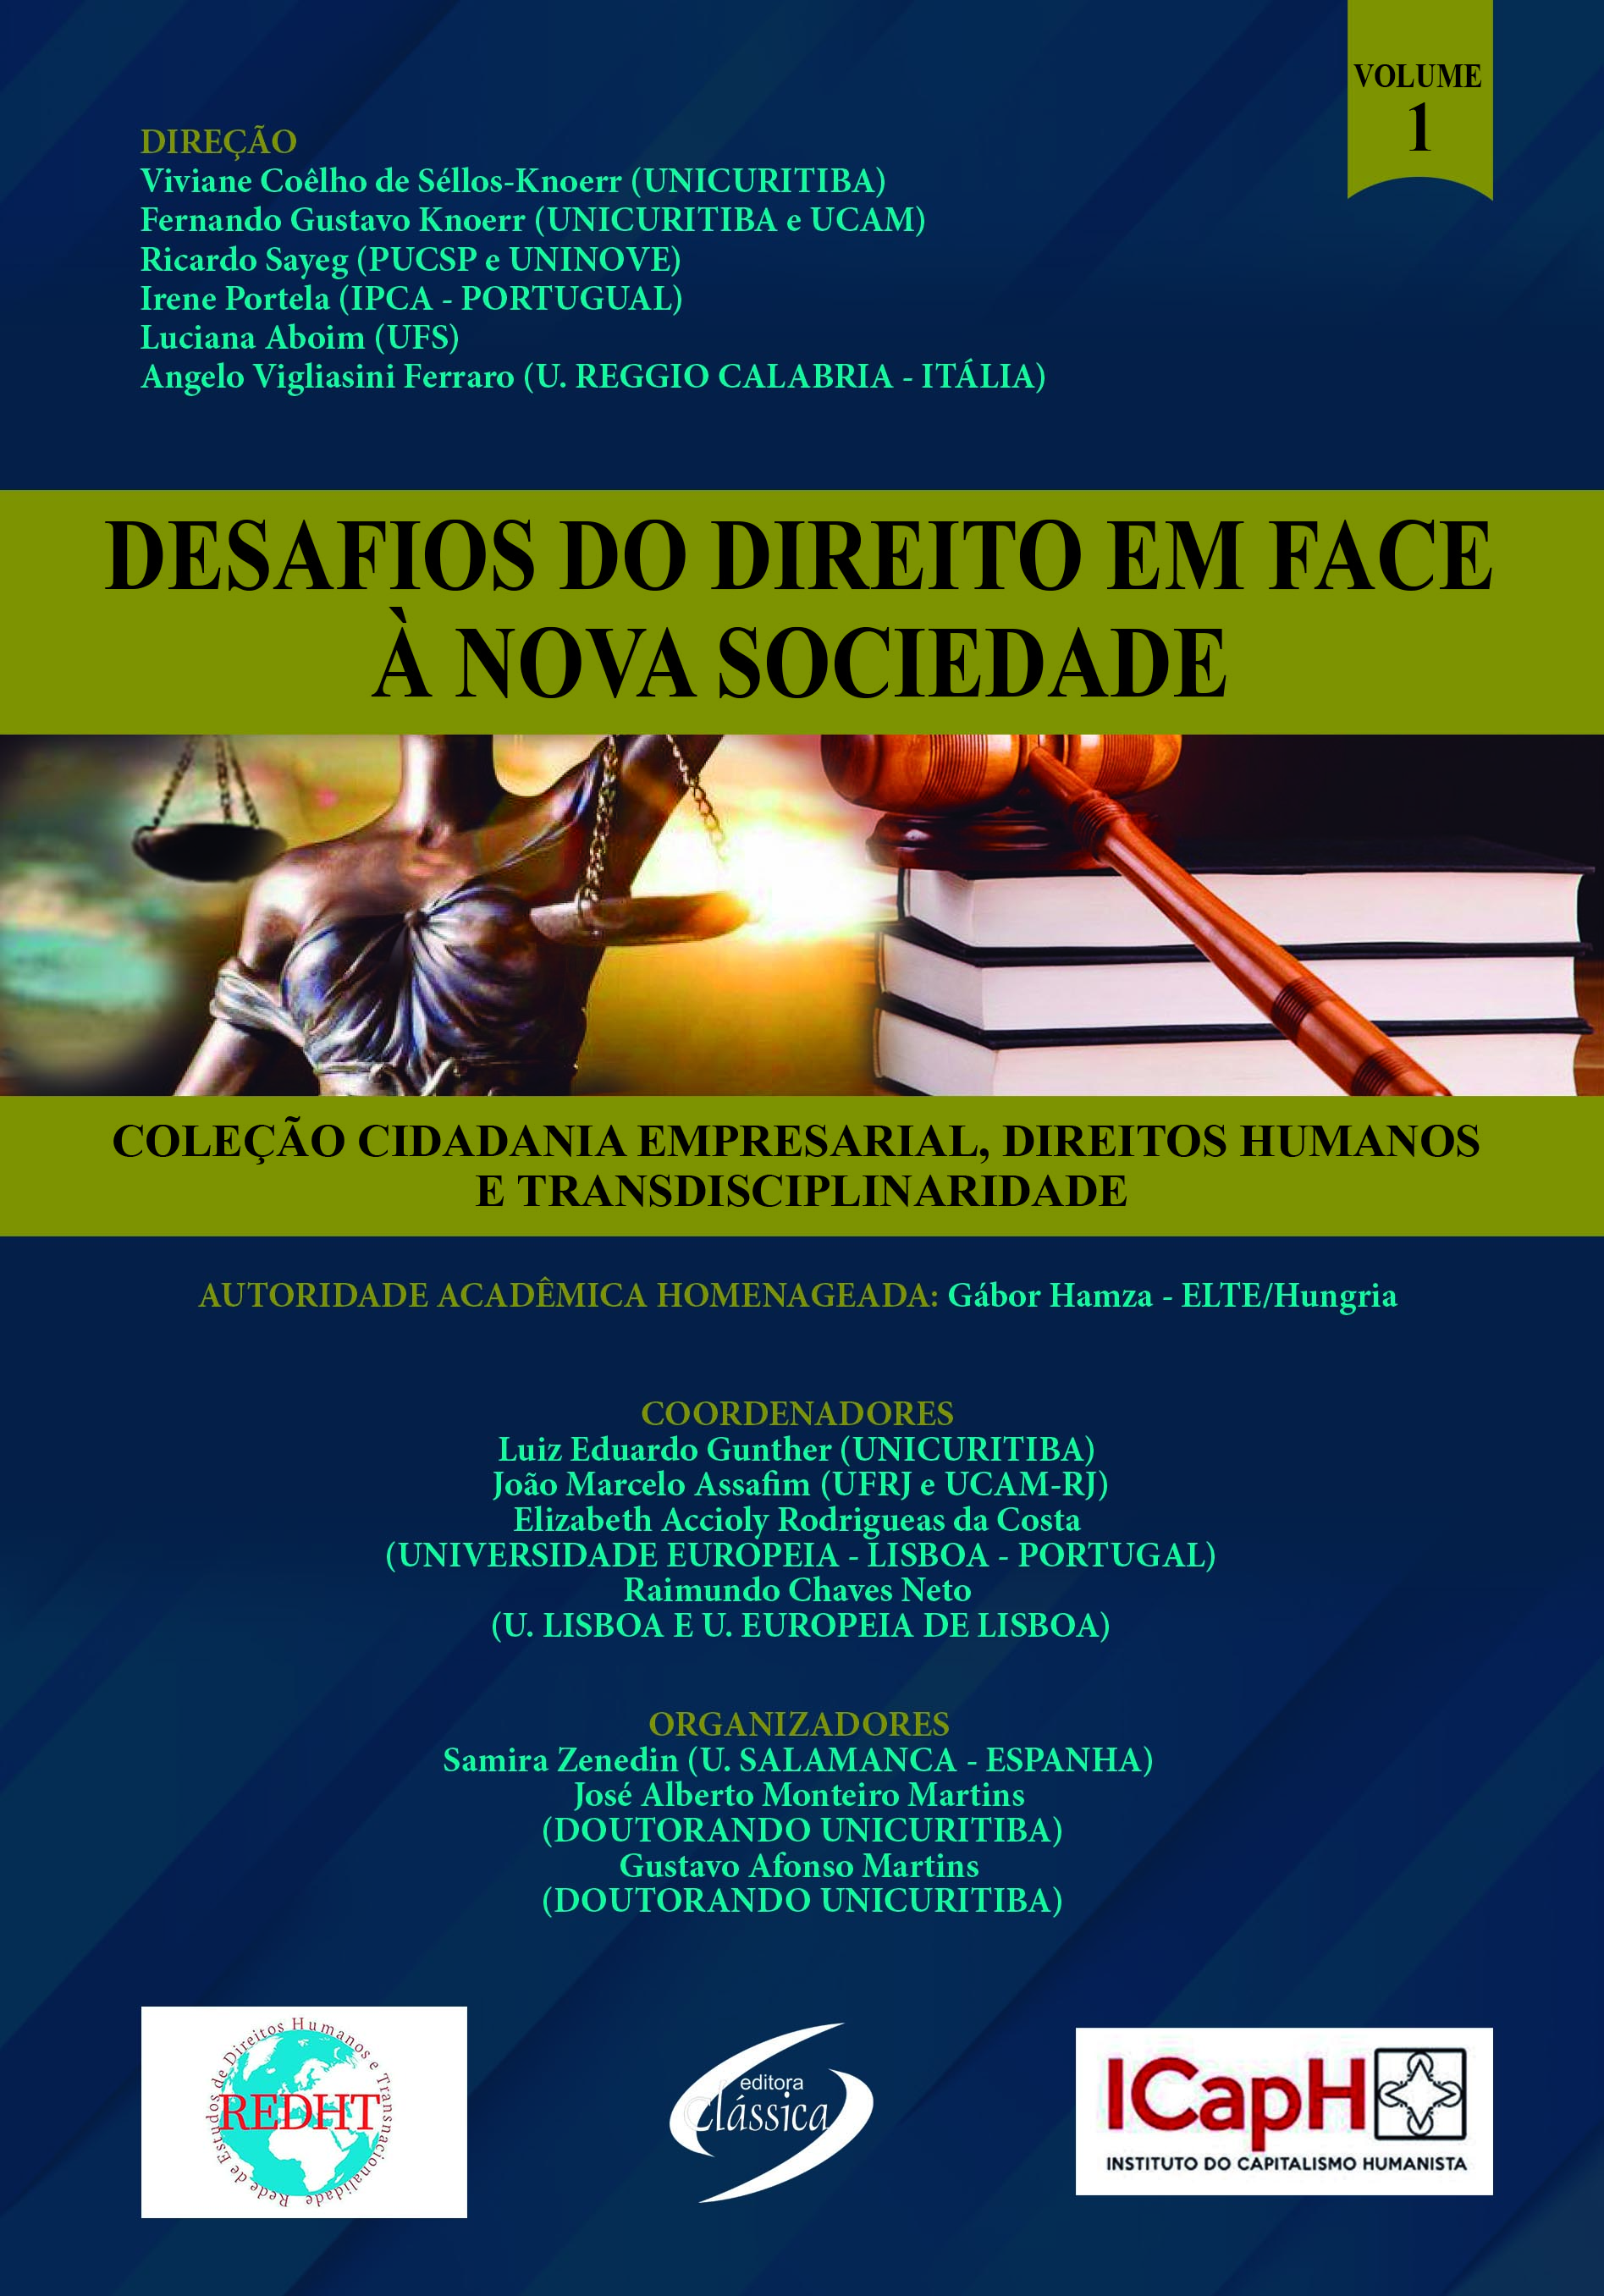 Vol. 1 - DESAFIOS DO DIREITO EM FACE À NOVA SOCIEDADE